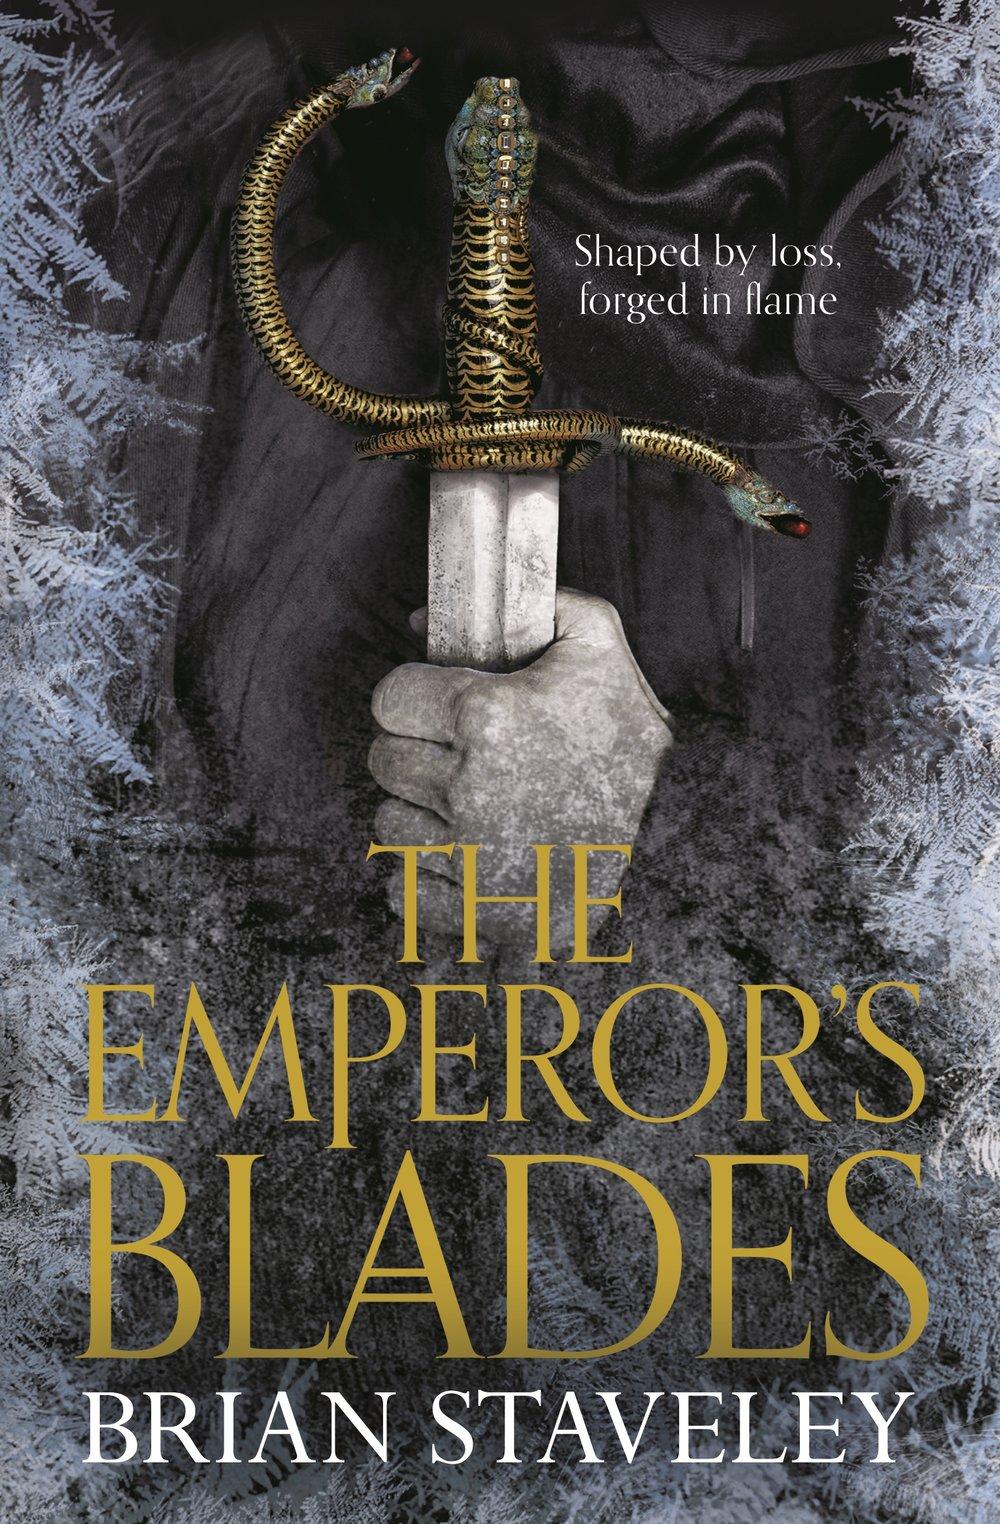 9781447235828The Emperor-s Blades.jpg